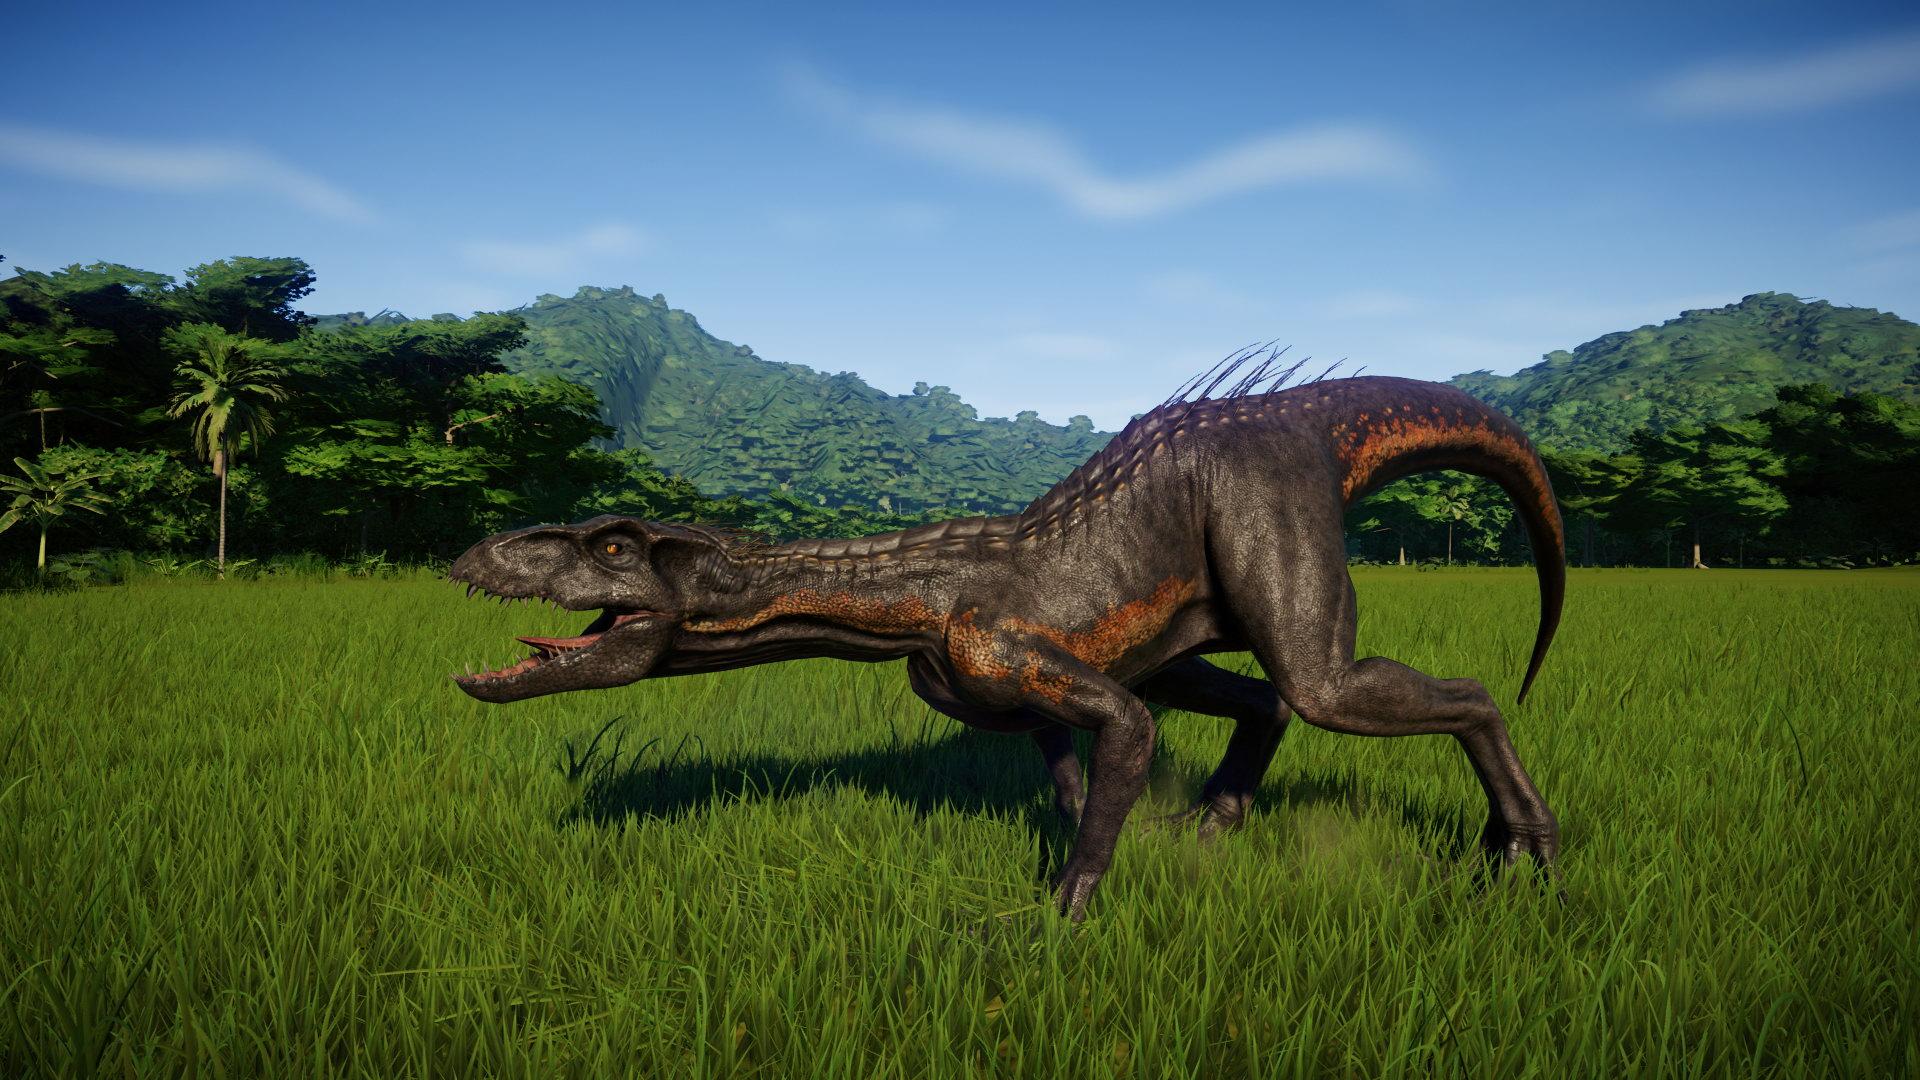 《侏羅紀世界:進化》新DLC公佈 核心人物吳博士出現